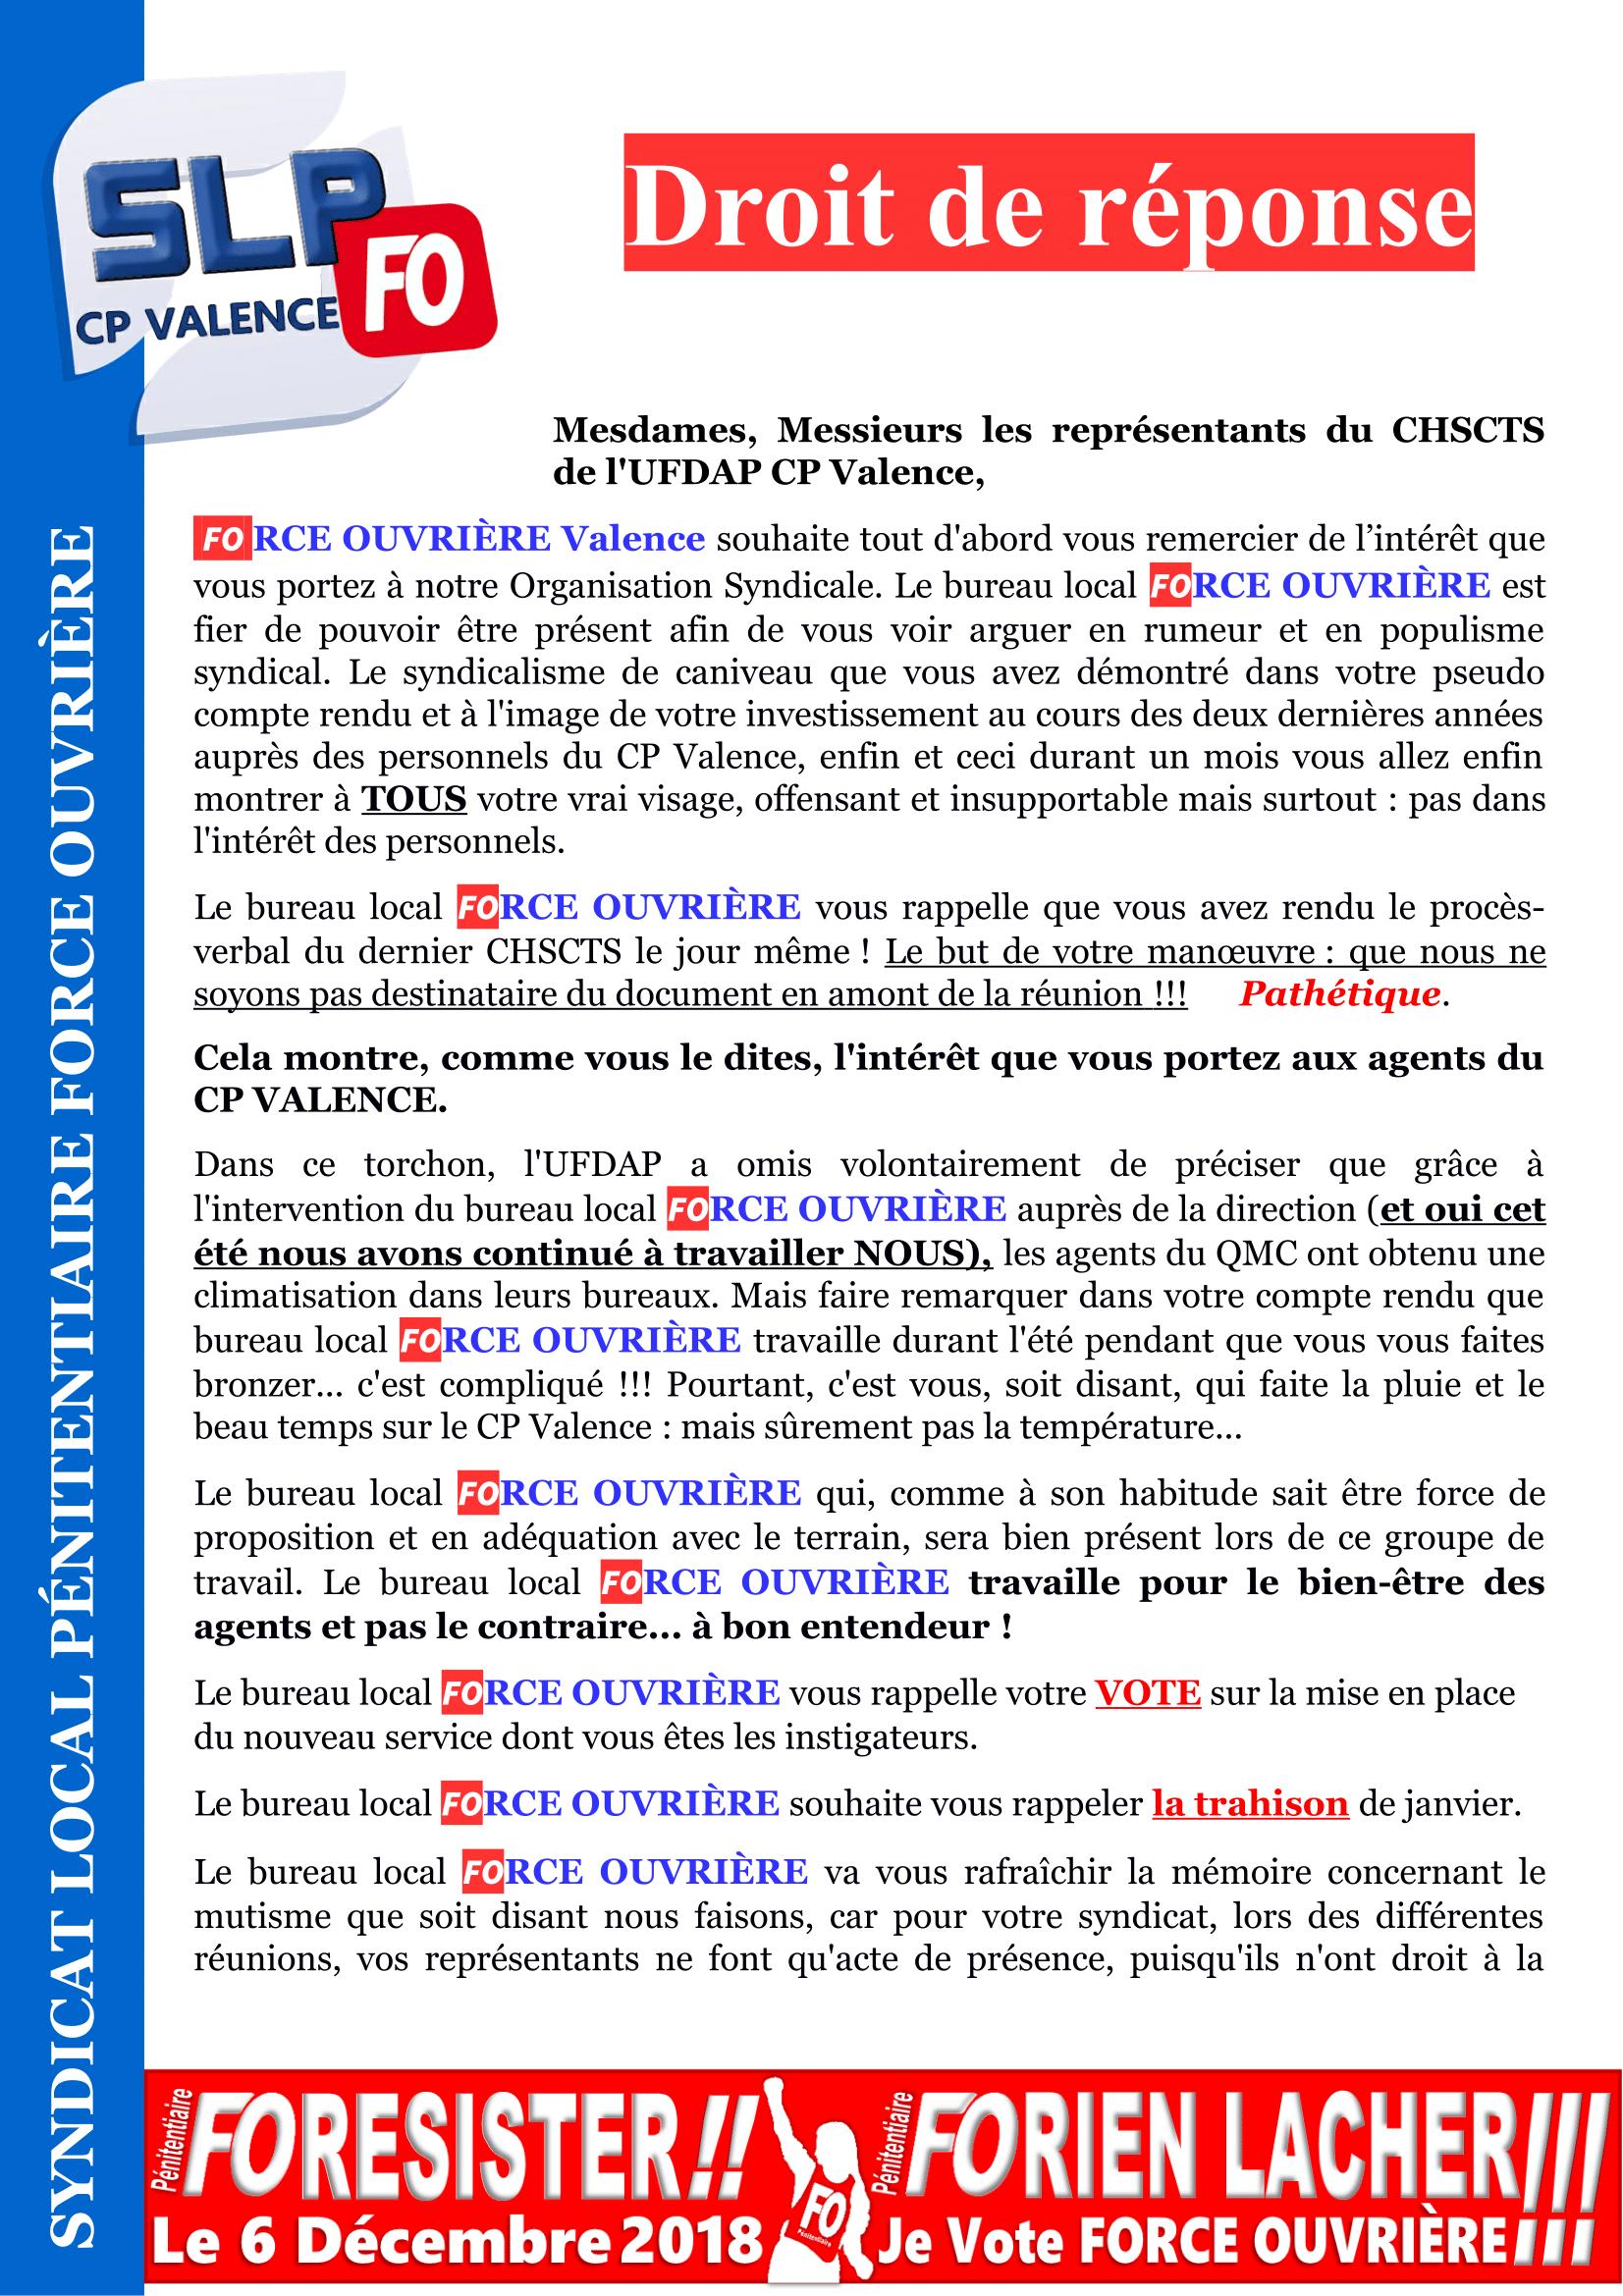 Droit de réponse CHSCTS-1